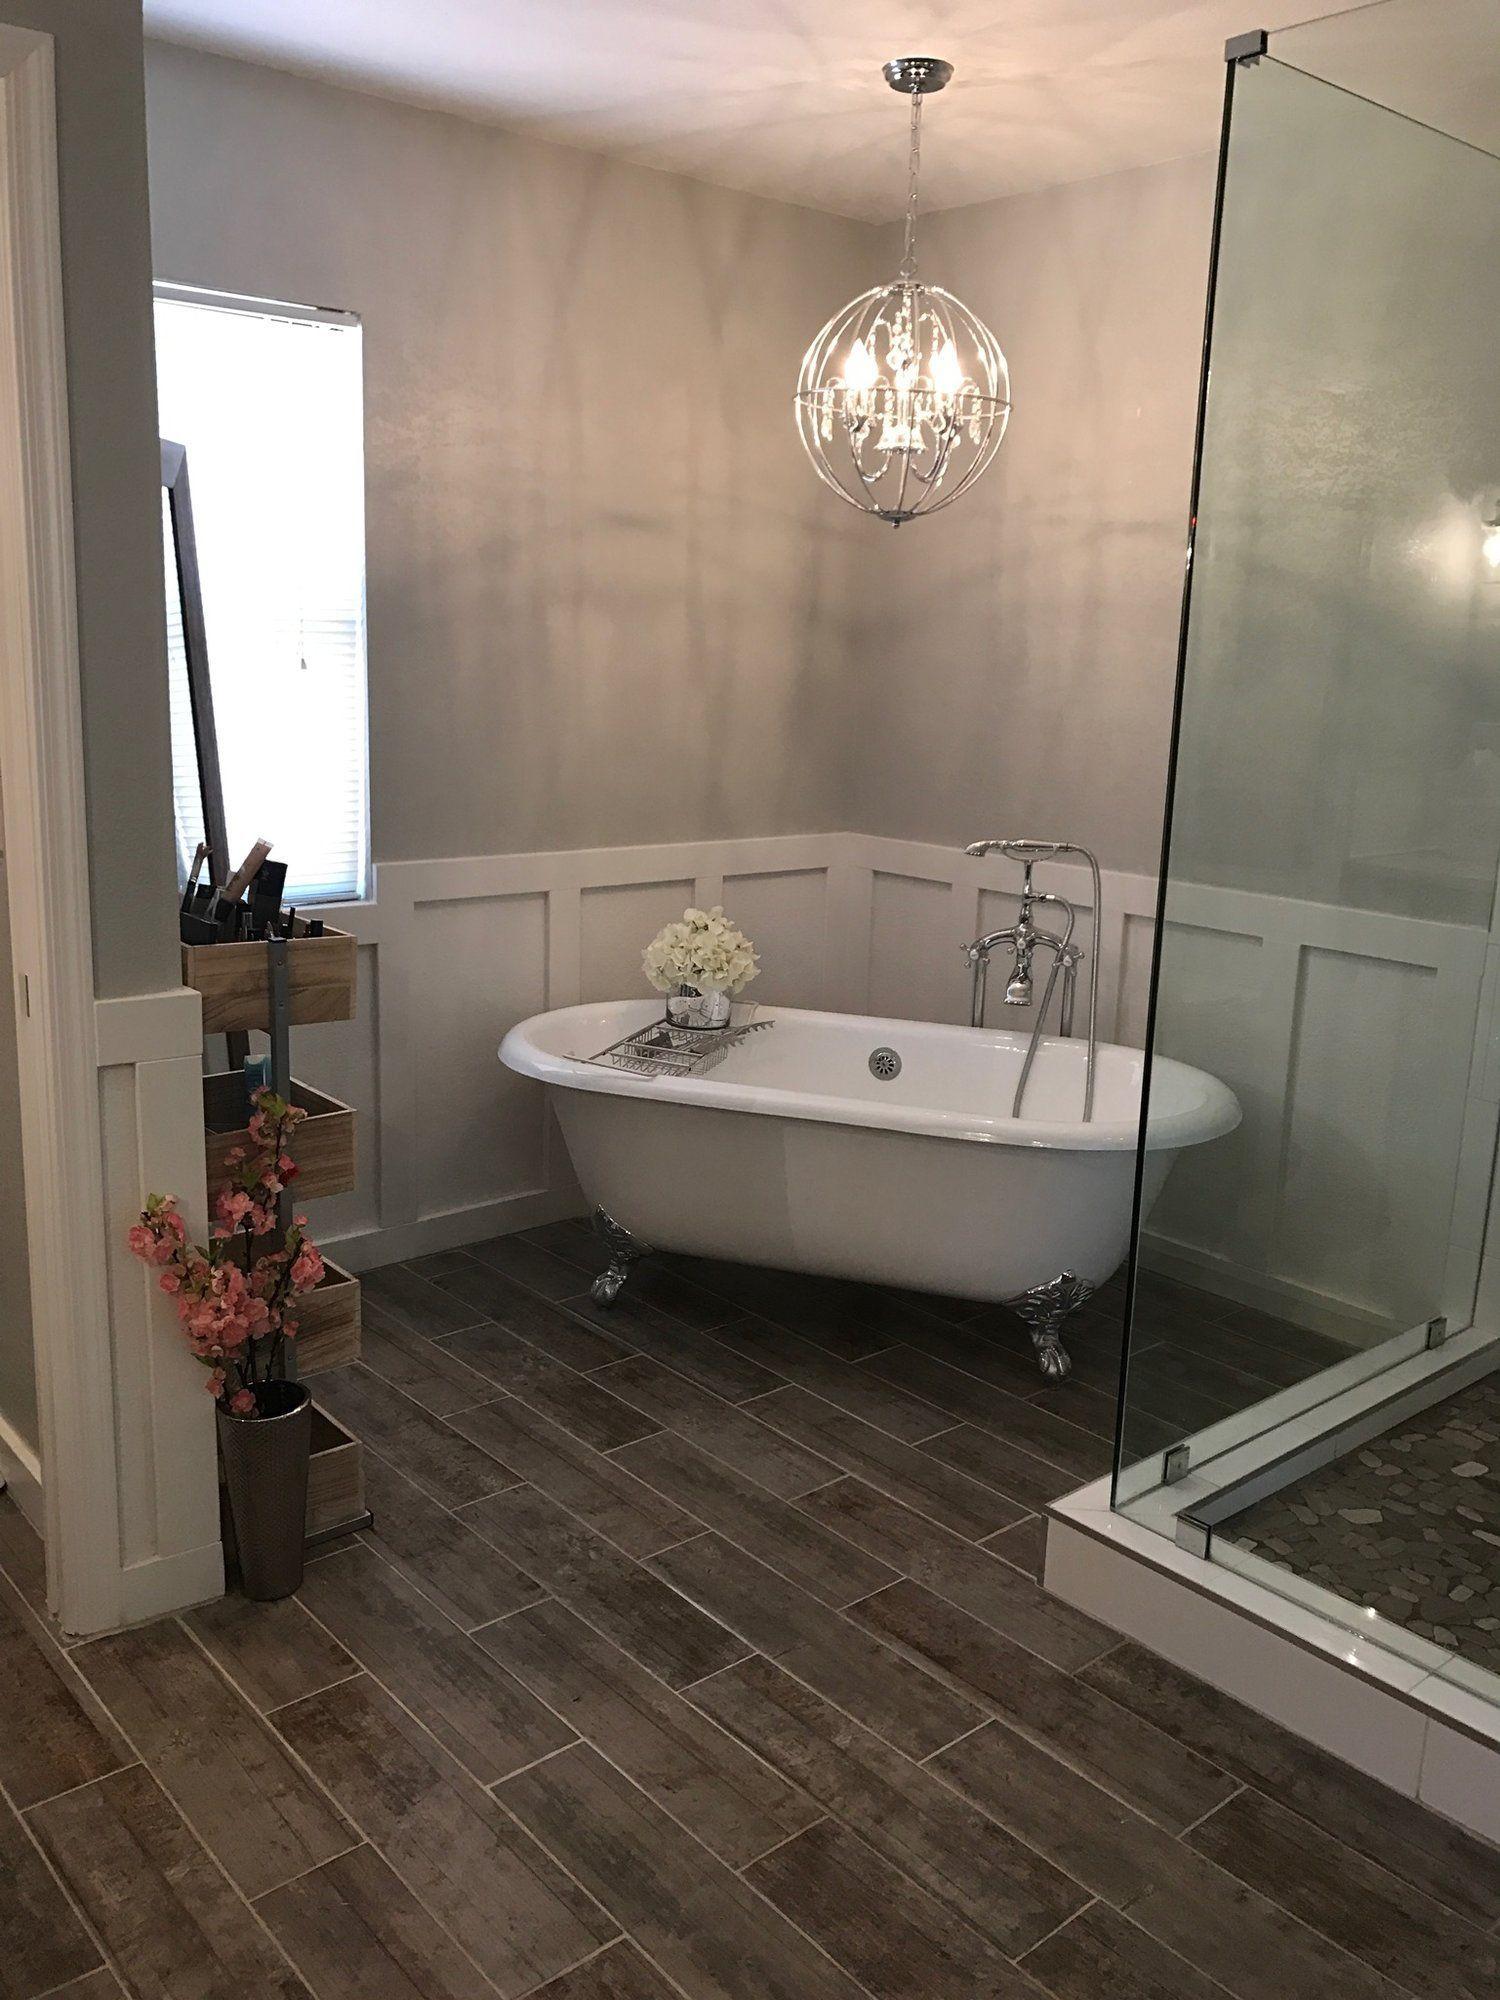 Clawfoot Tub master bathroom remodel bathtub chandelier